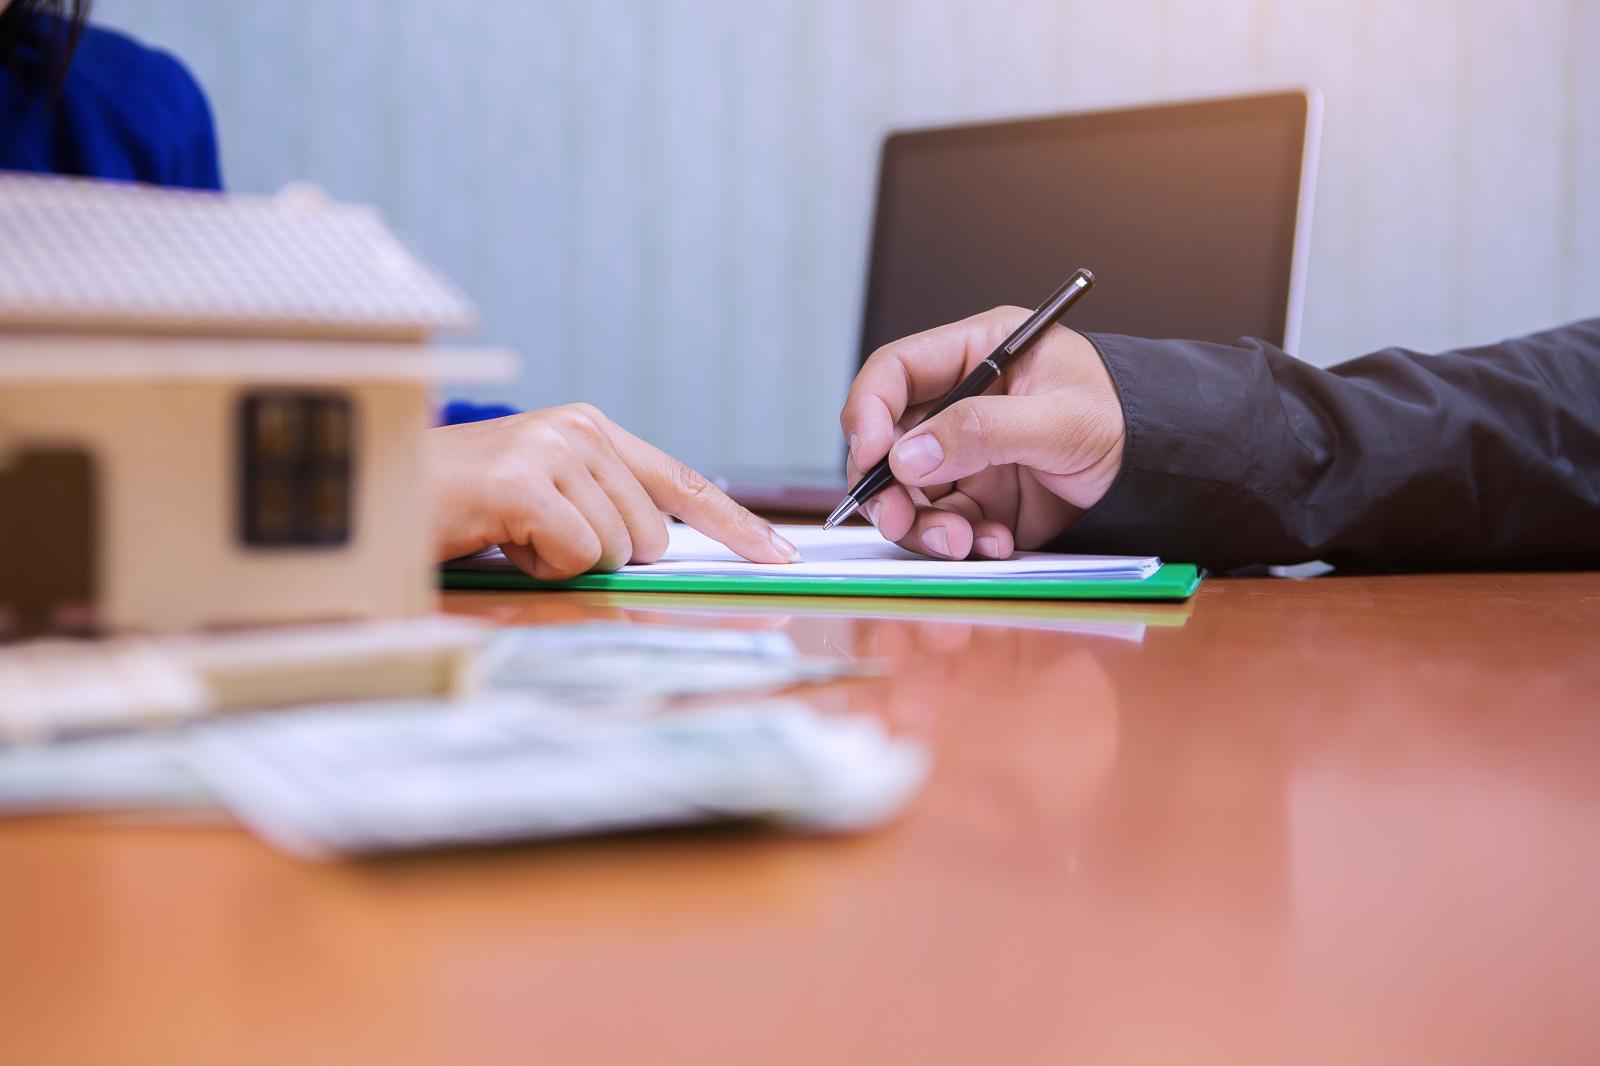 1 bàn tay cầm bút, 1 bàn tay chỉ vào tờ giấy trên bàn